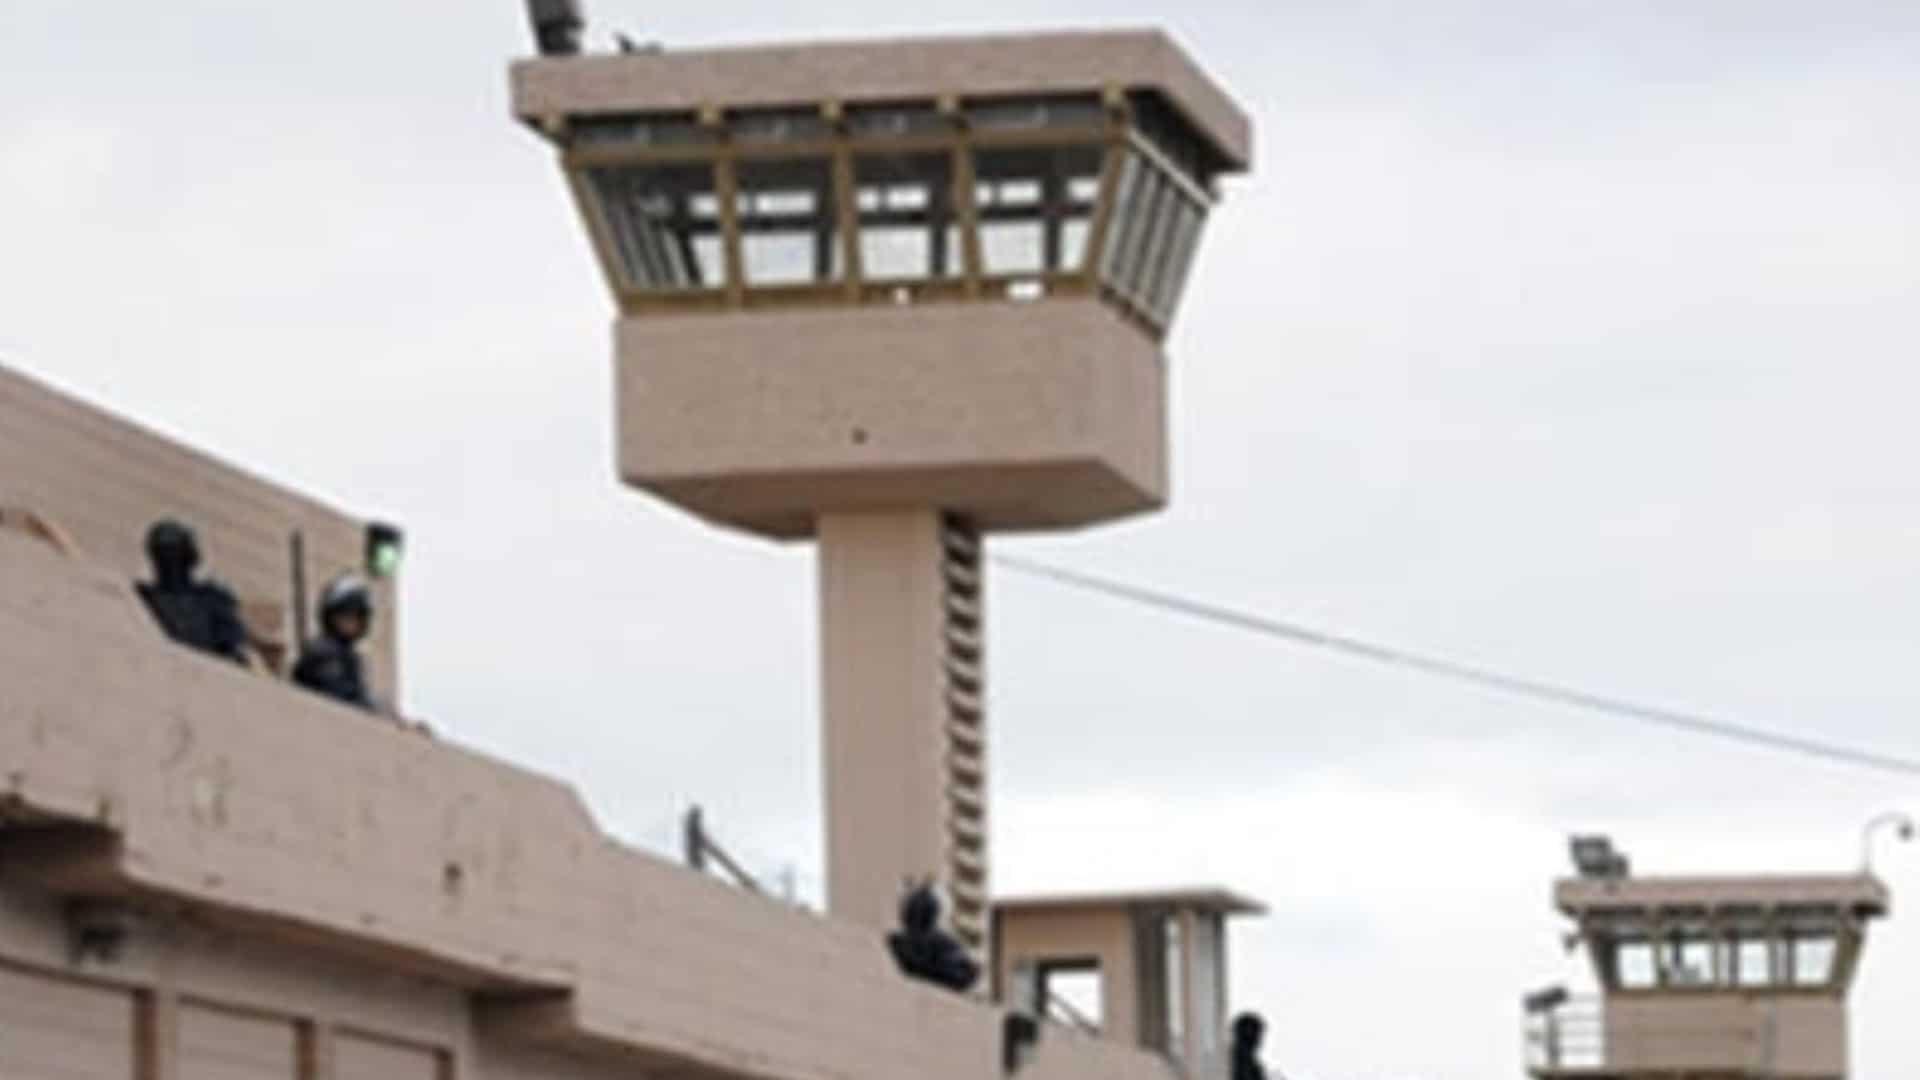 Liberaran-a-personas-torturadas-sin-condena-en-Mexico